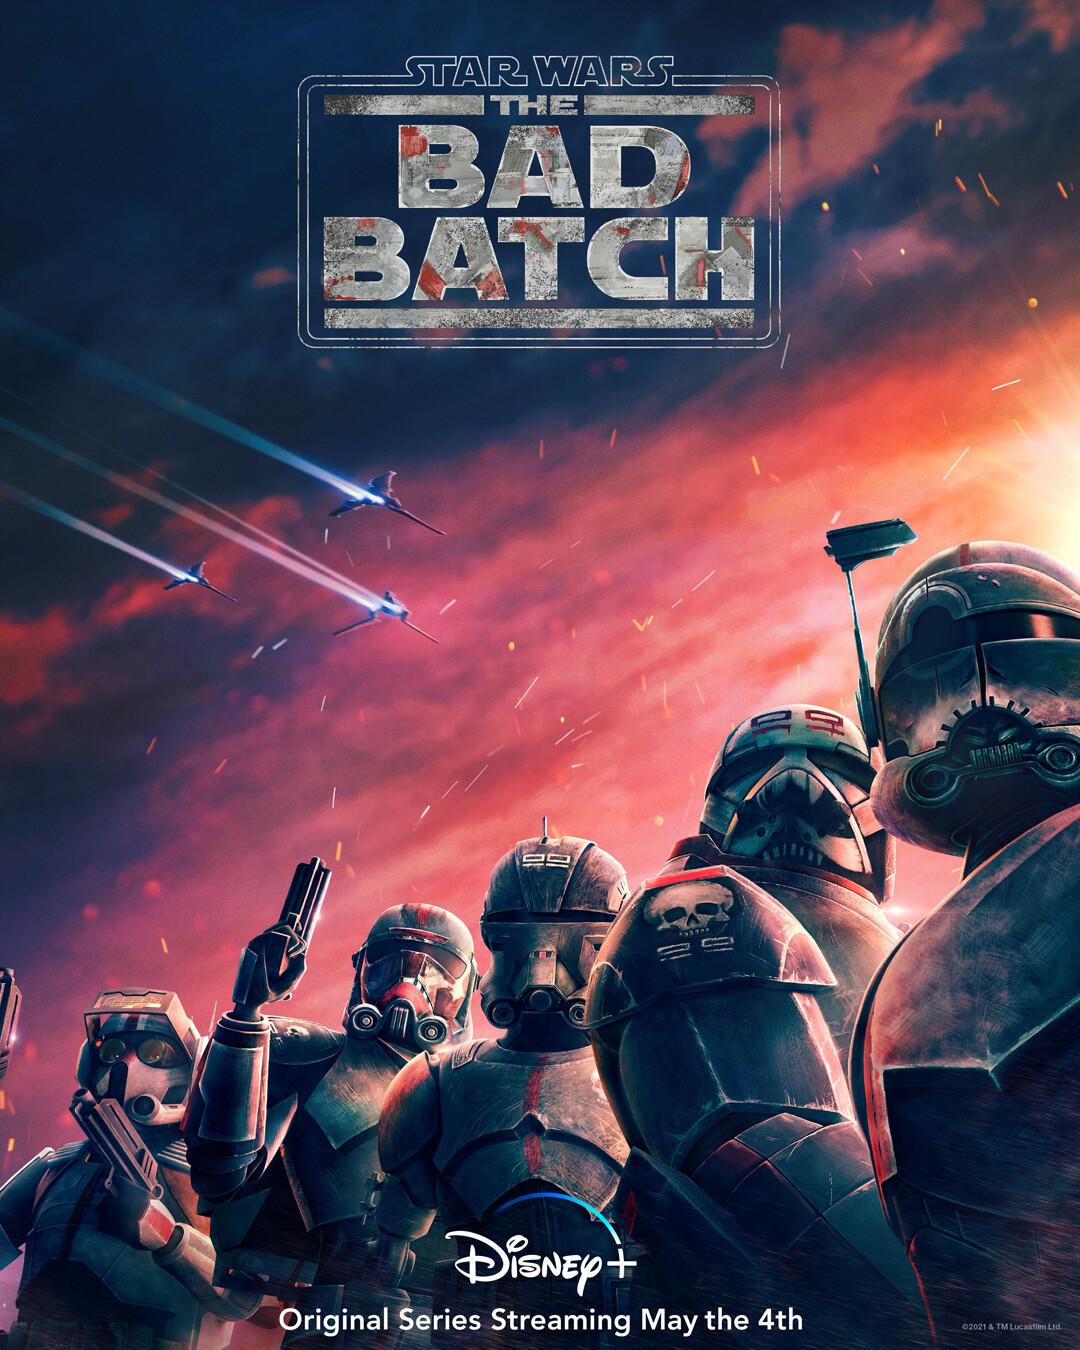 Дебютный трейлер «Звездных войн: Бракованная партия» - спин-оффа «Войн клонов», Анимационное шоу для Disney+